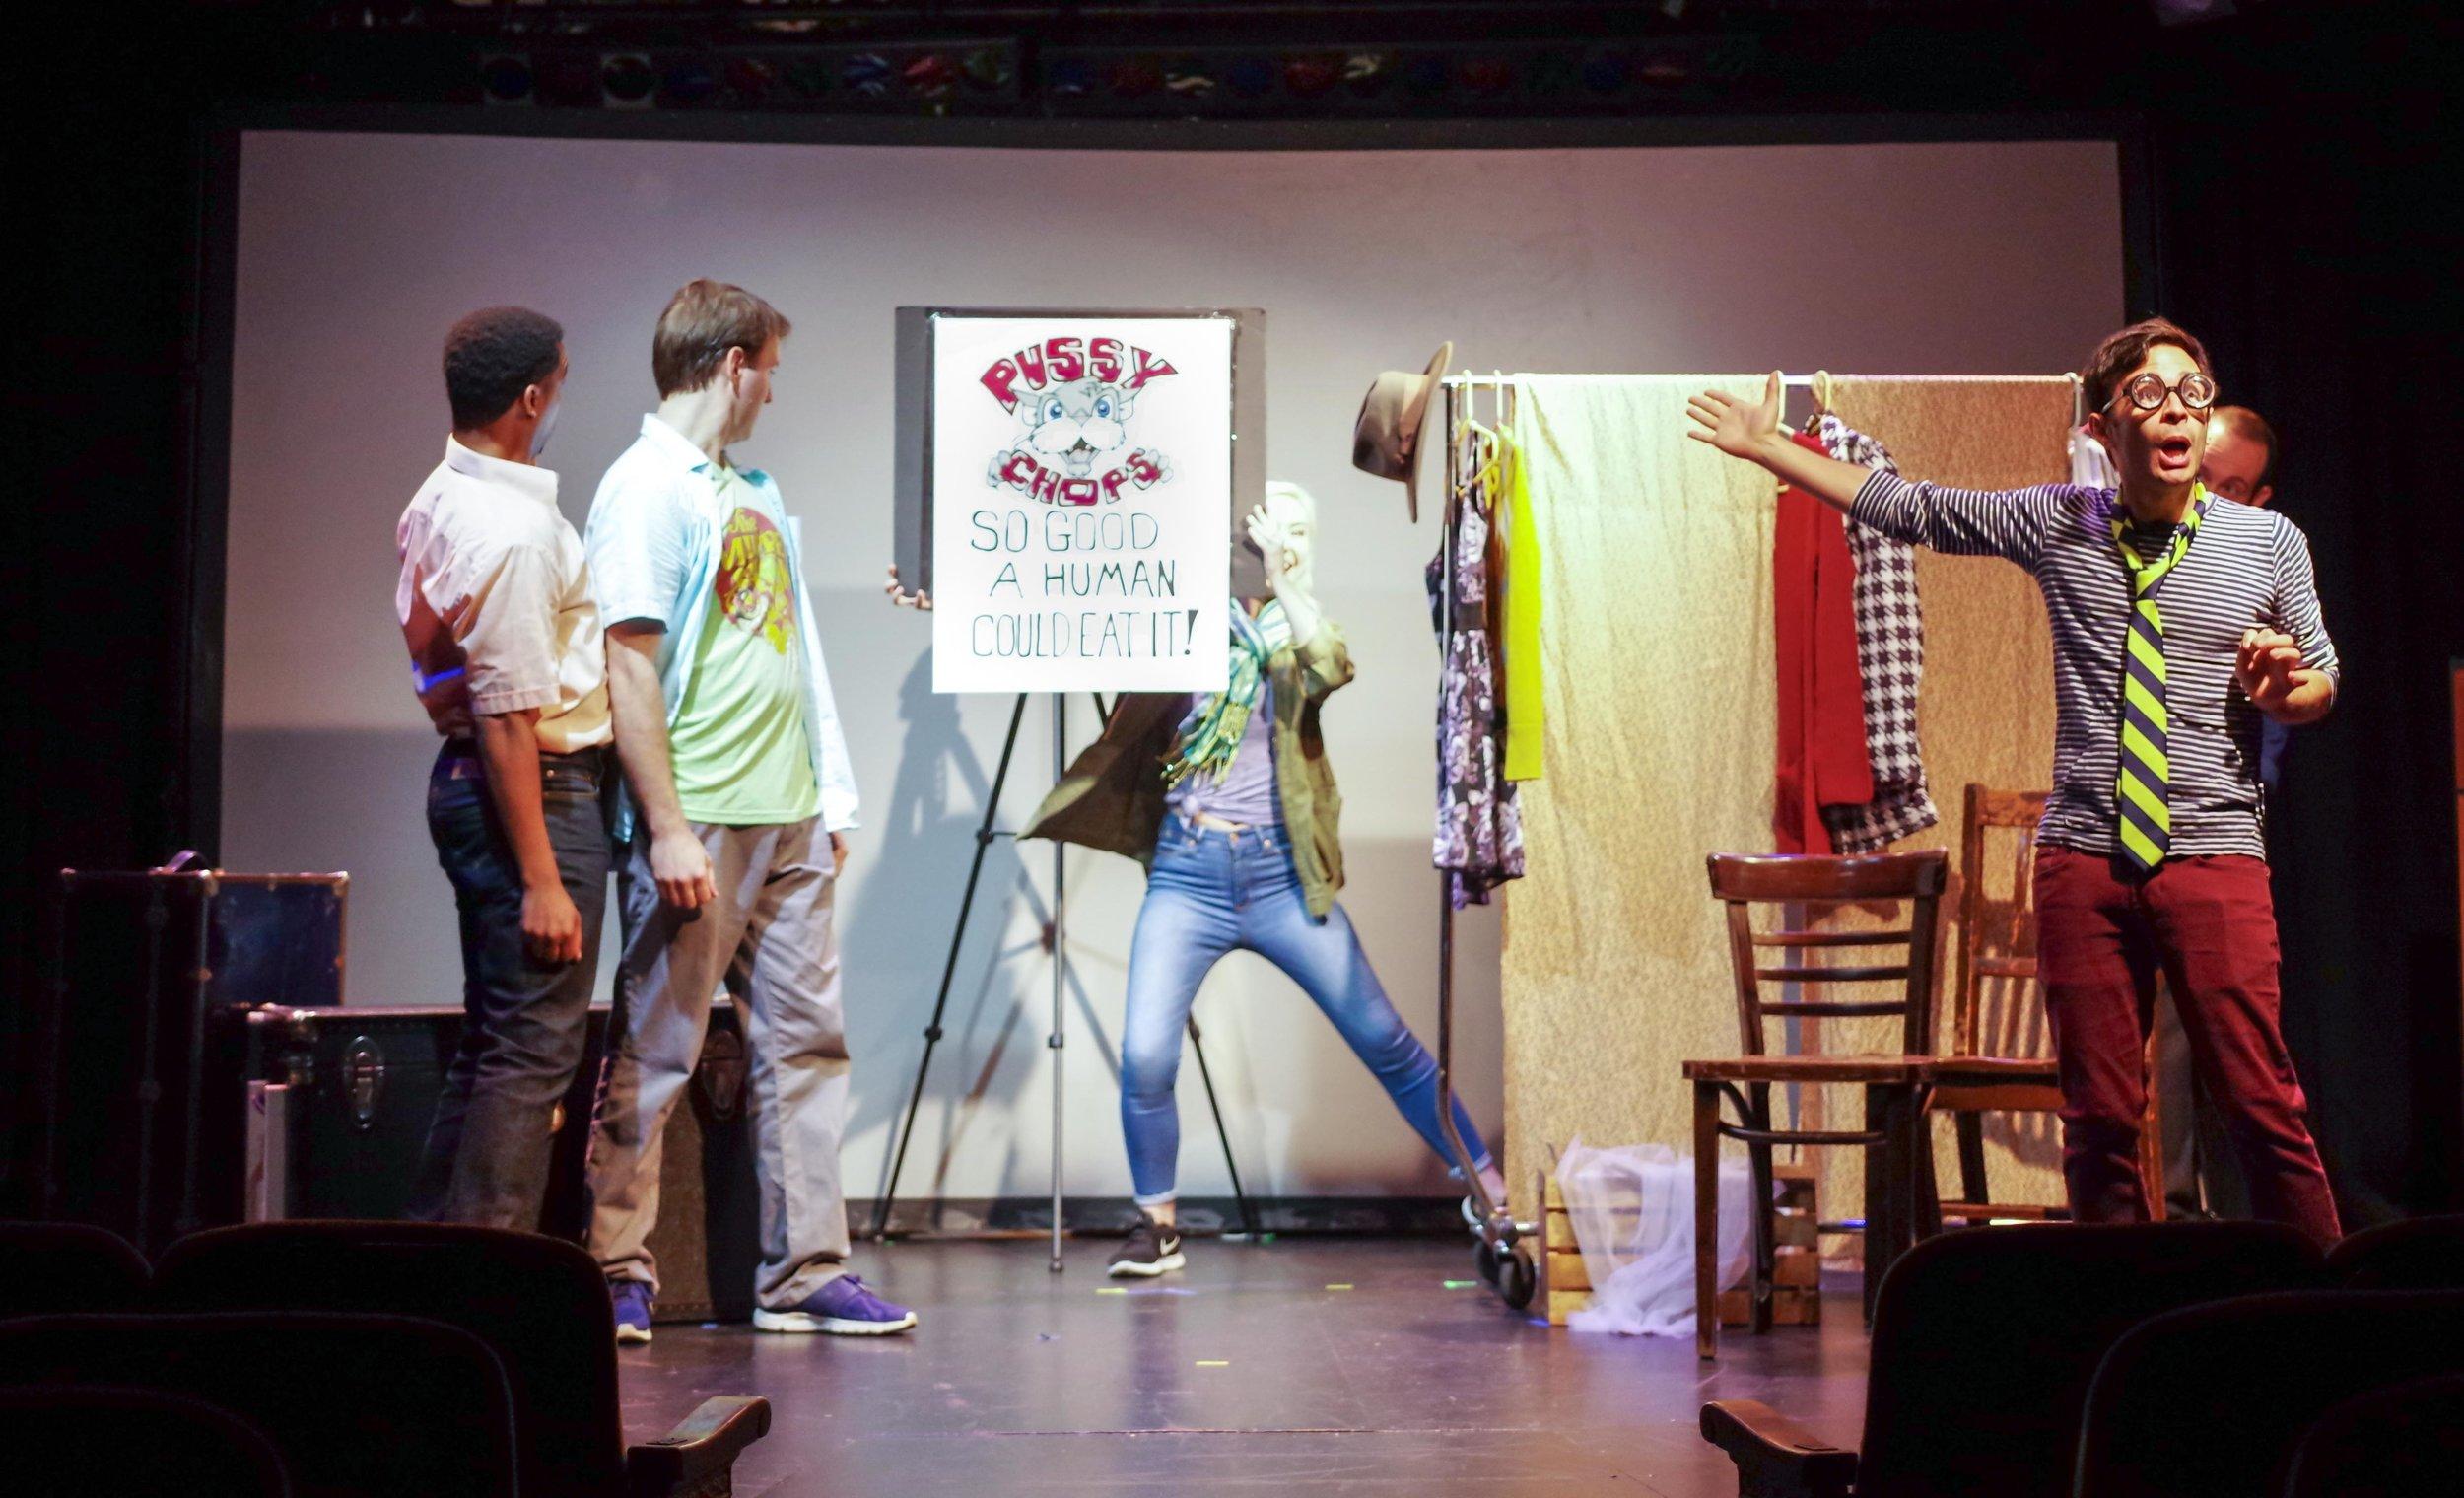 DeLance Minefee, Dave Droxler, Maggie Carr, and Paul Pakler in  Walken on Sunshine;  New York Fringe Festival. Photo: Tim Try